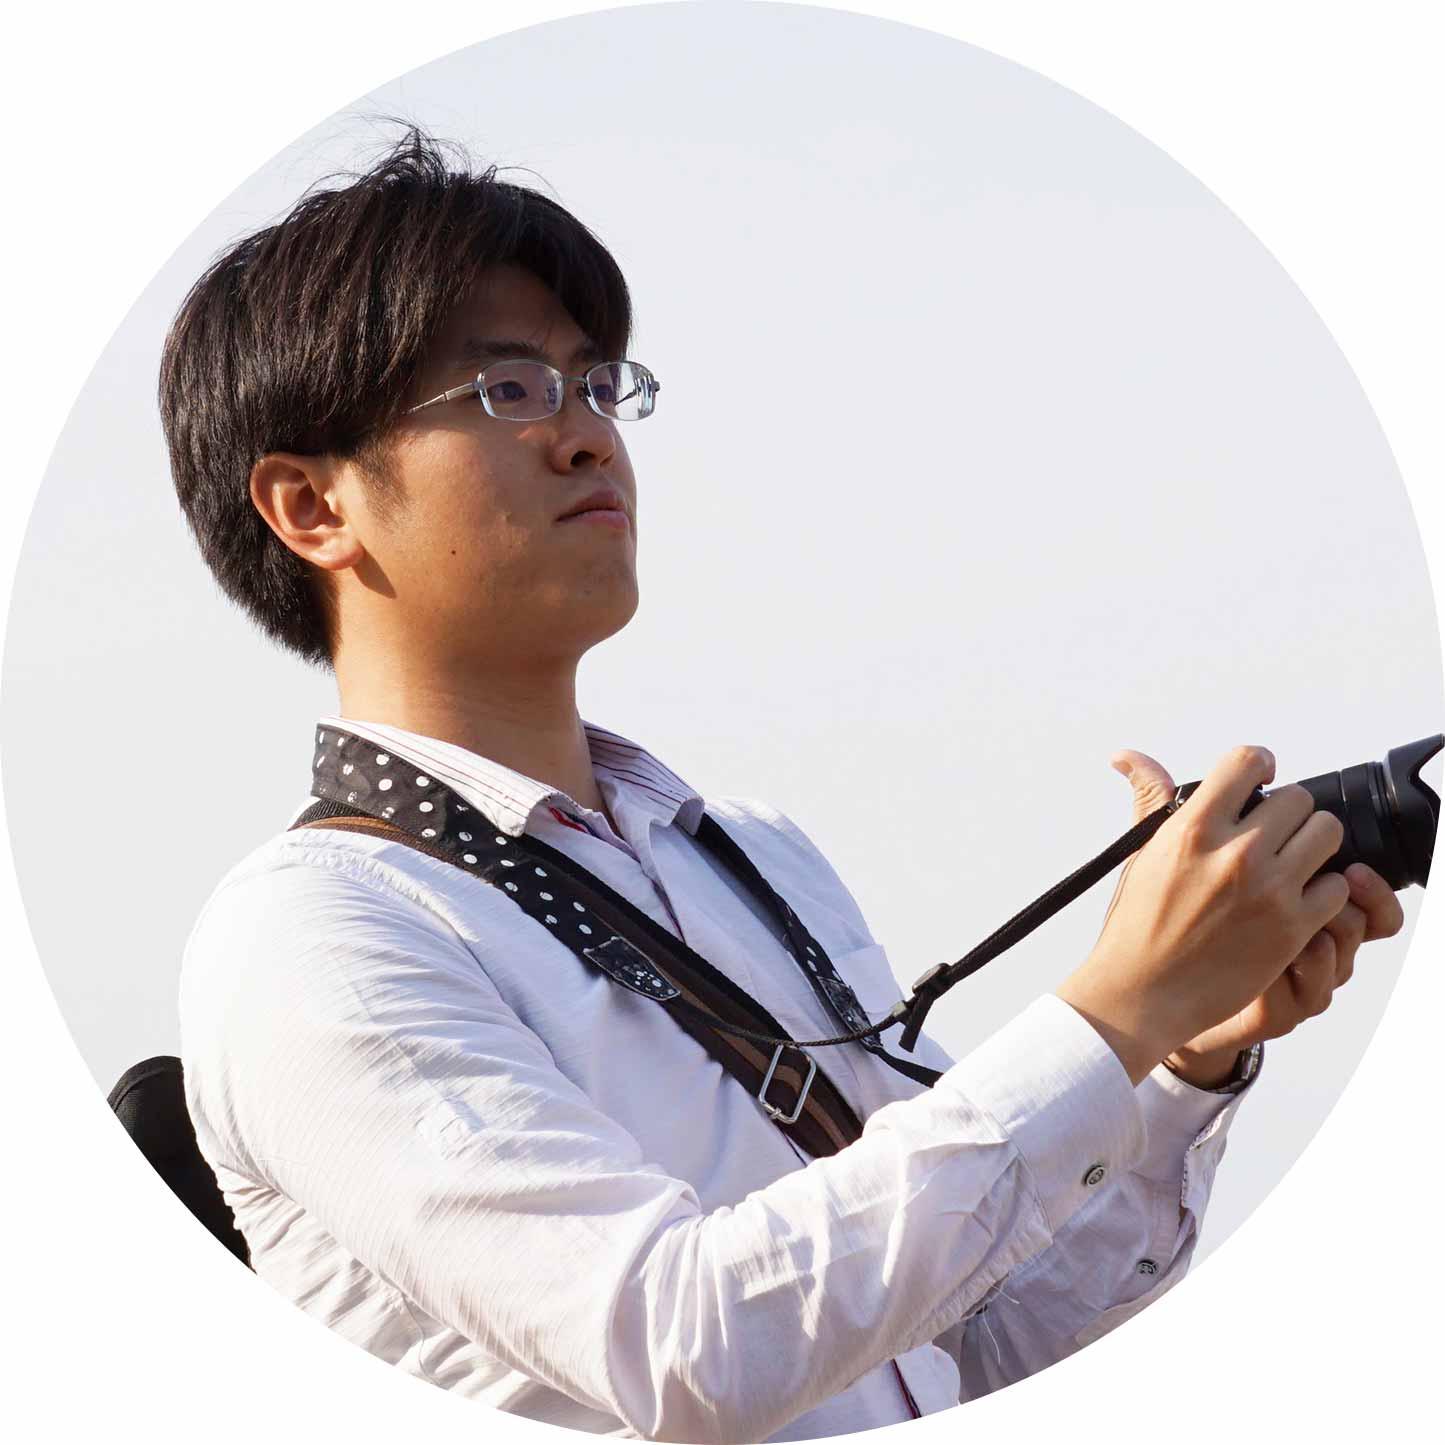 エンジニア山本のプロフィール写真